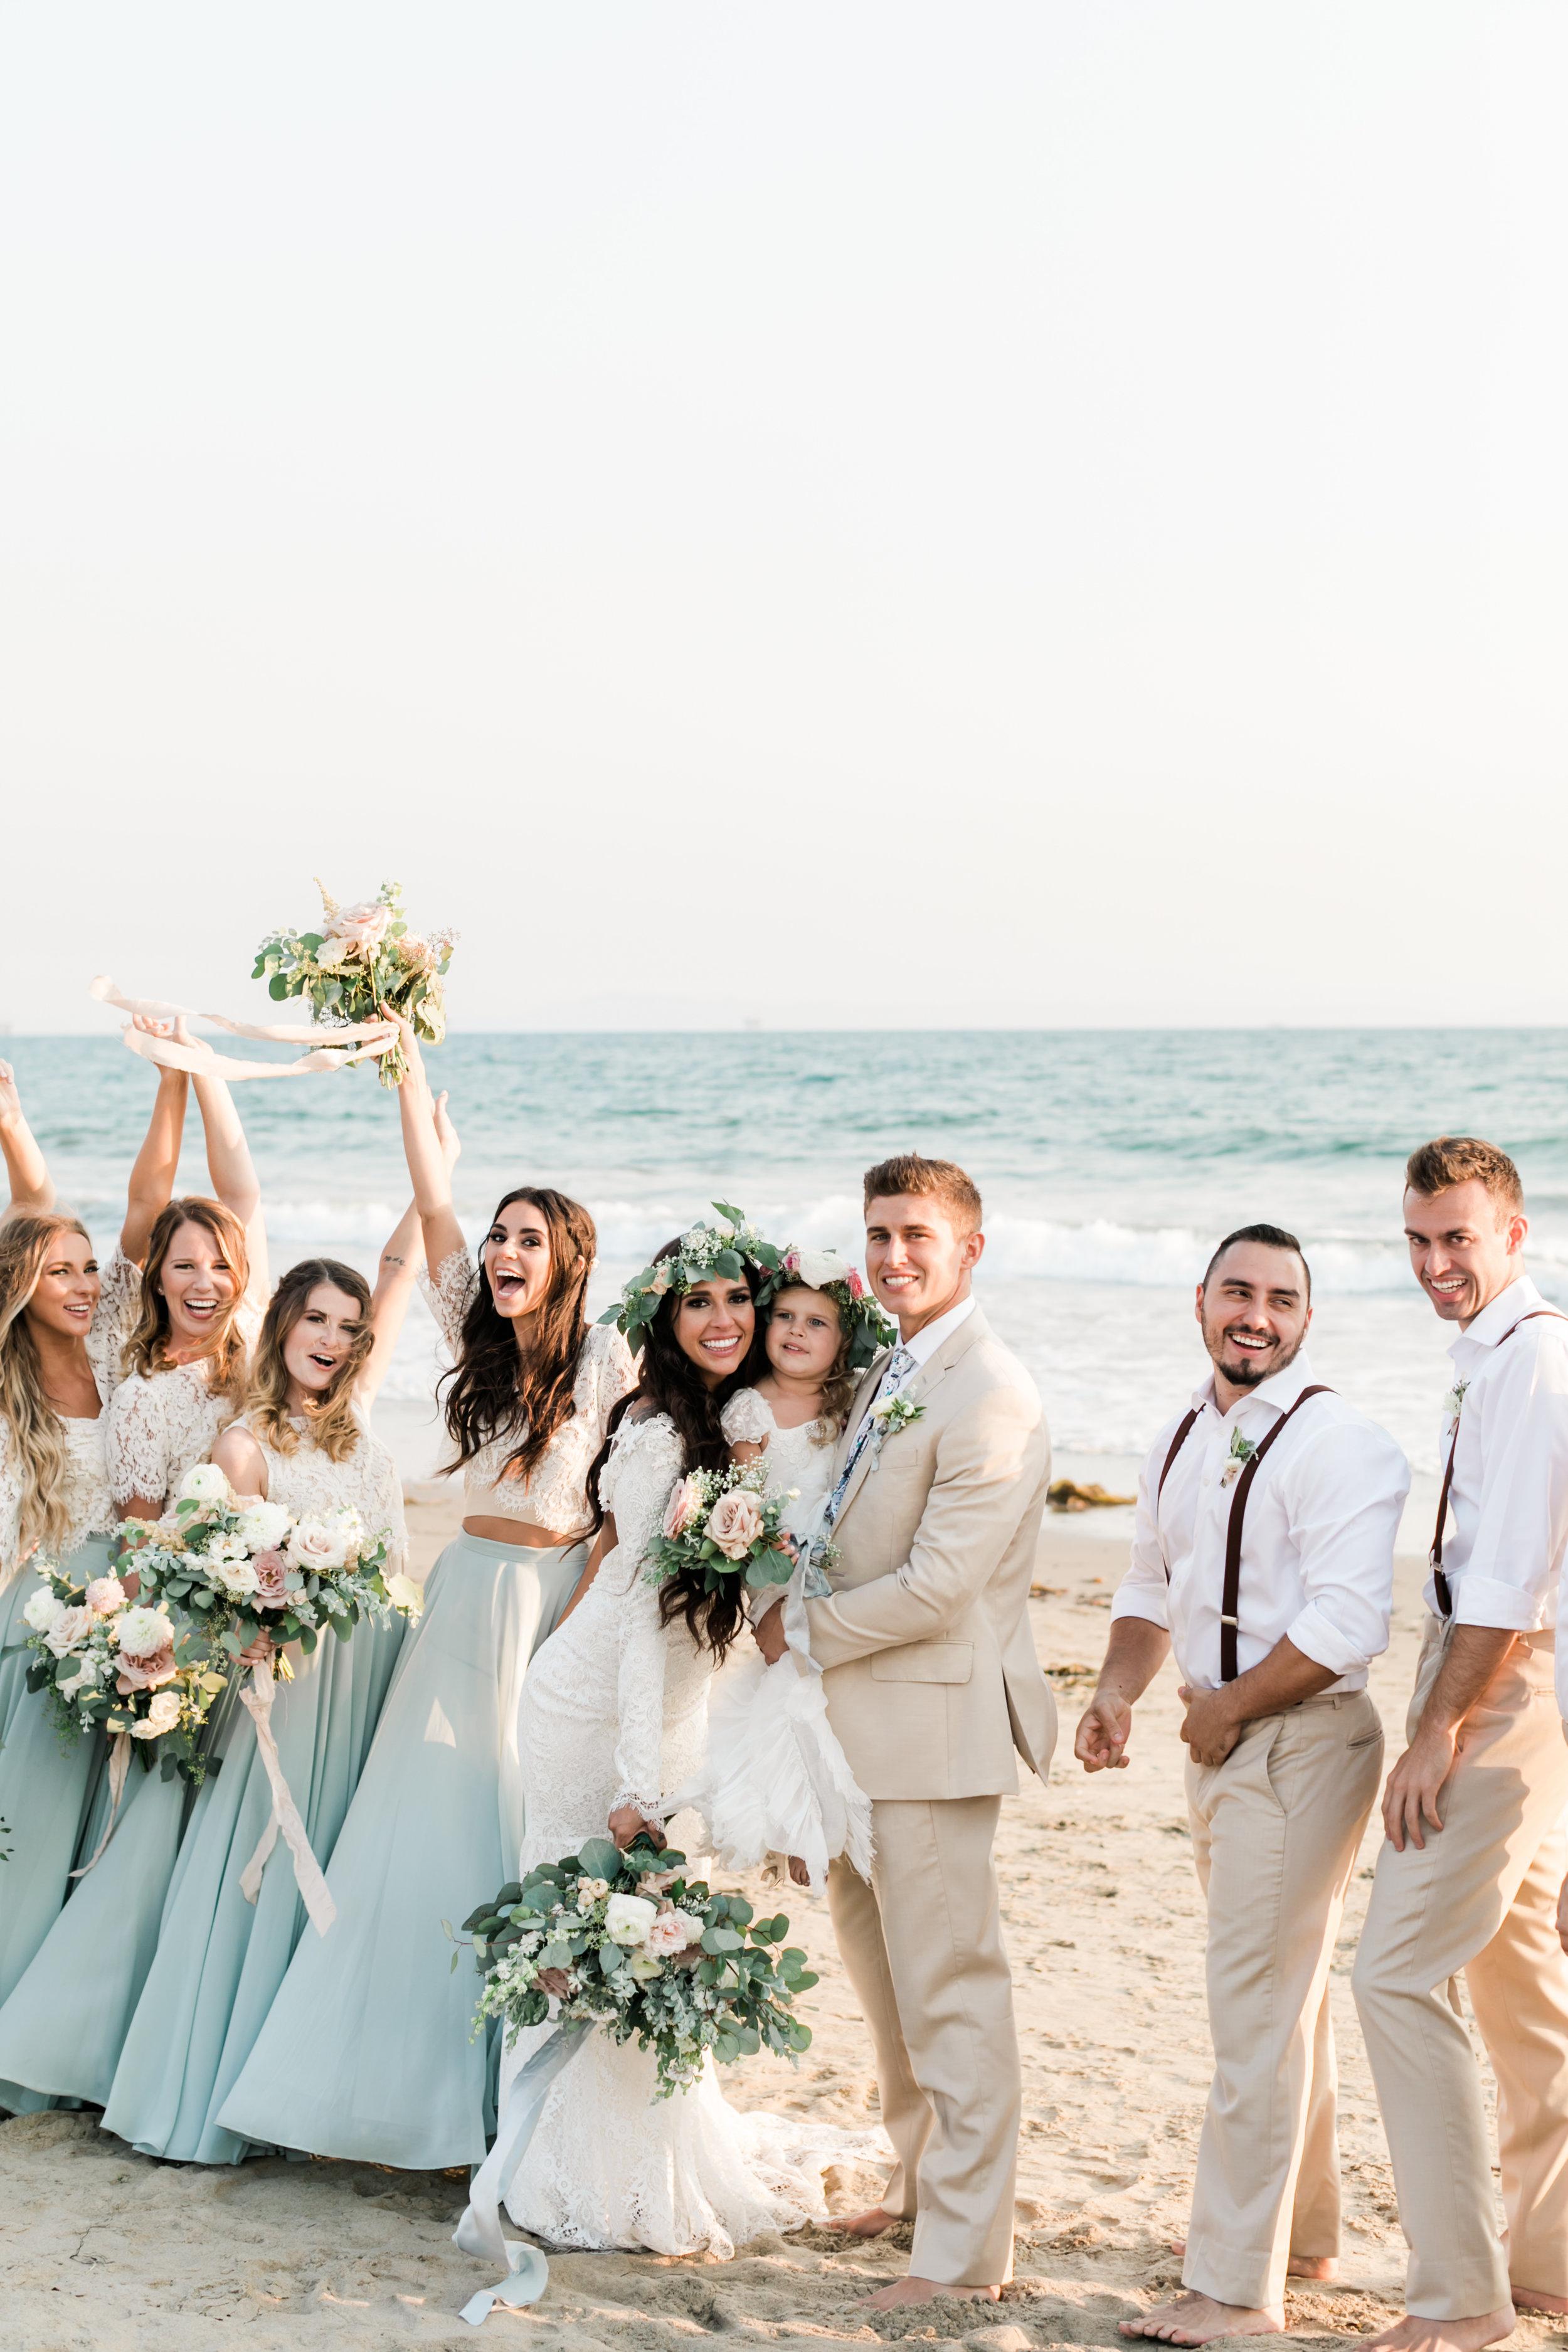 Taylor & Ricky beach wedding